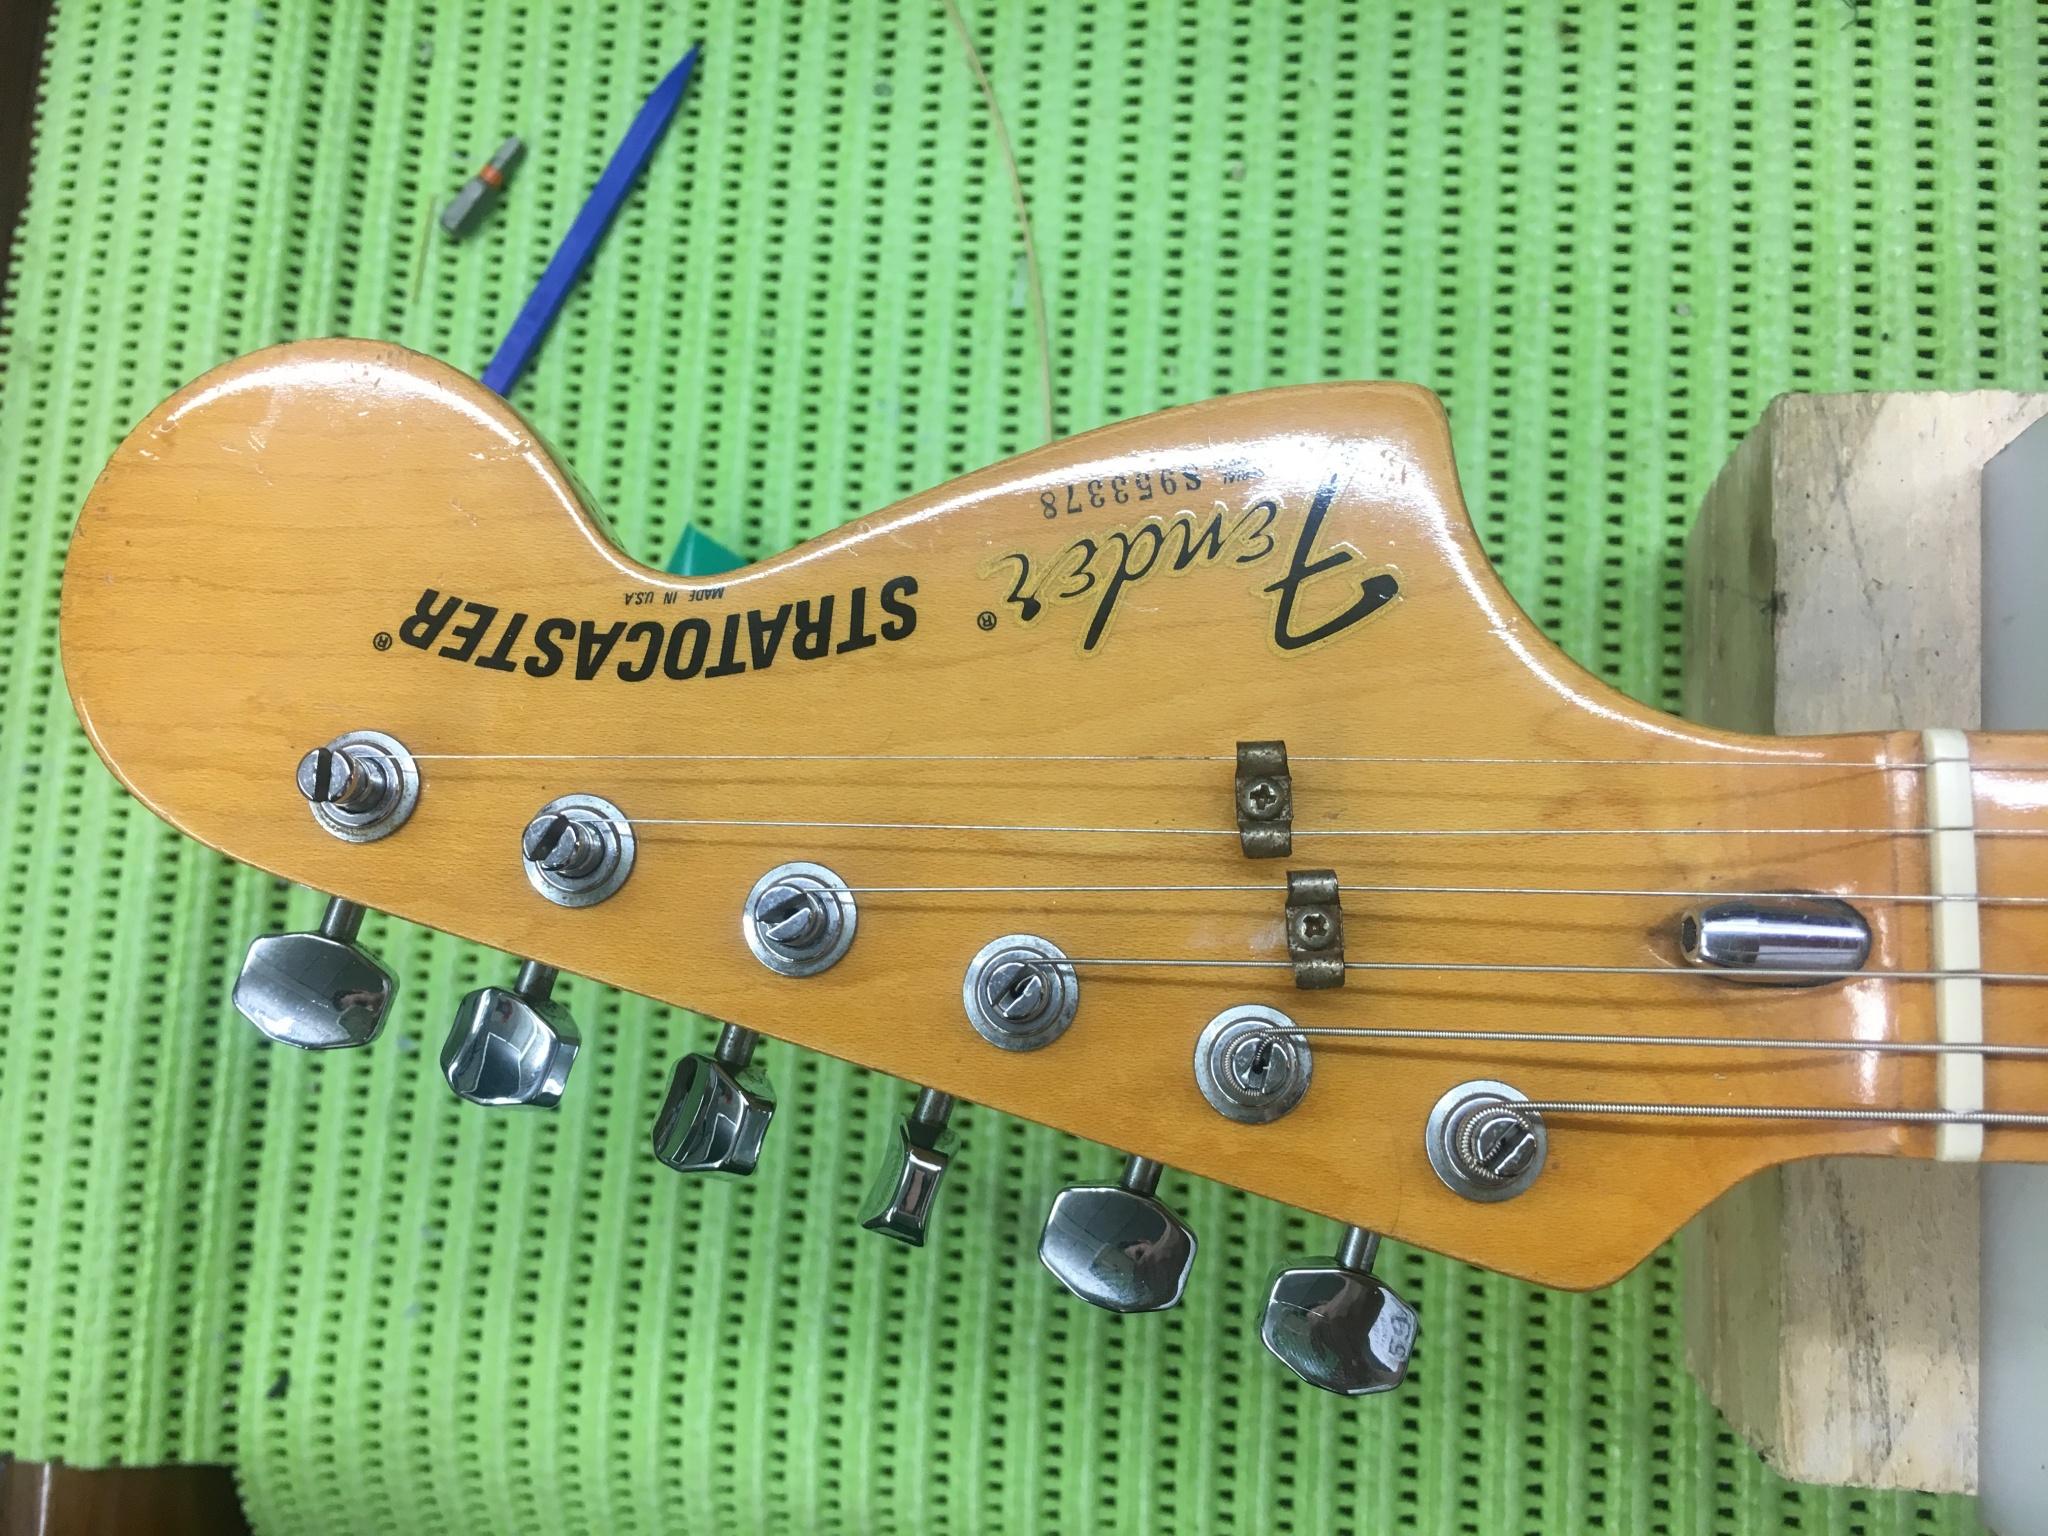 IMG 5518 - Nivelado y pulido de trastes Fender American Stratocaster del 79